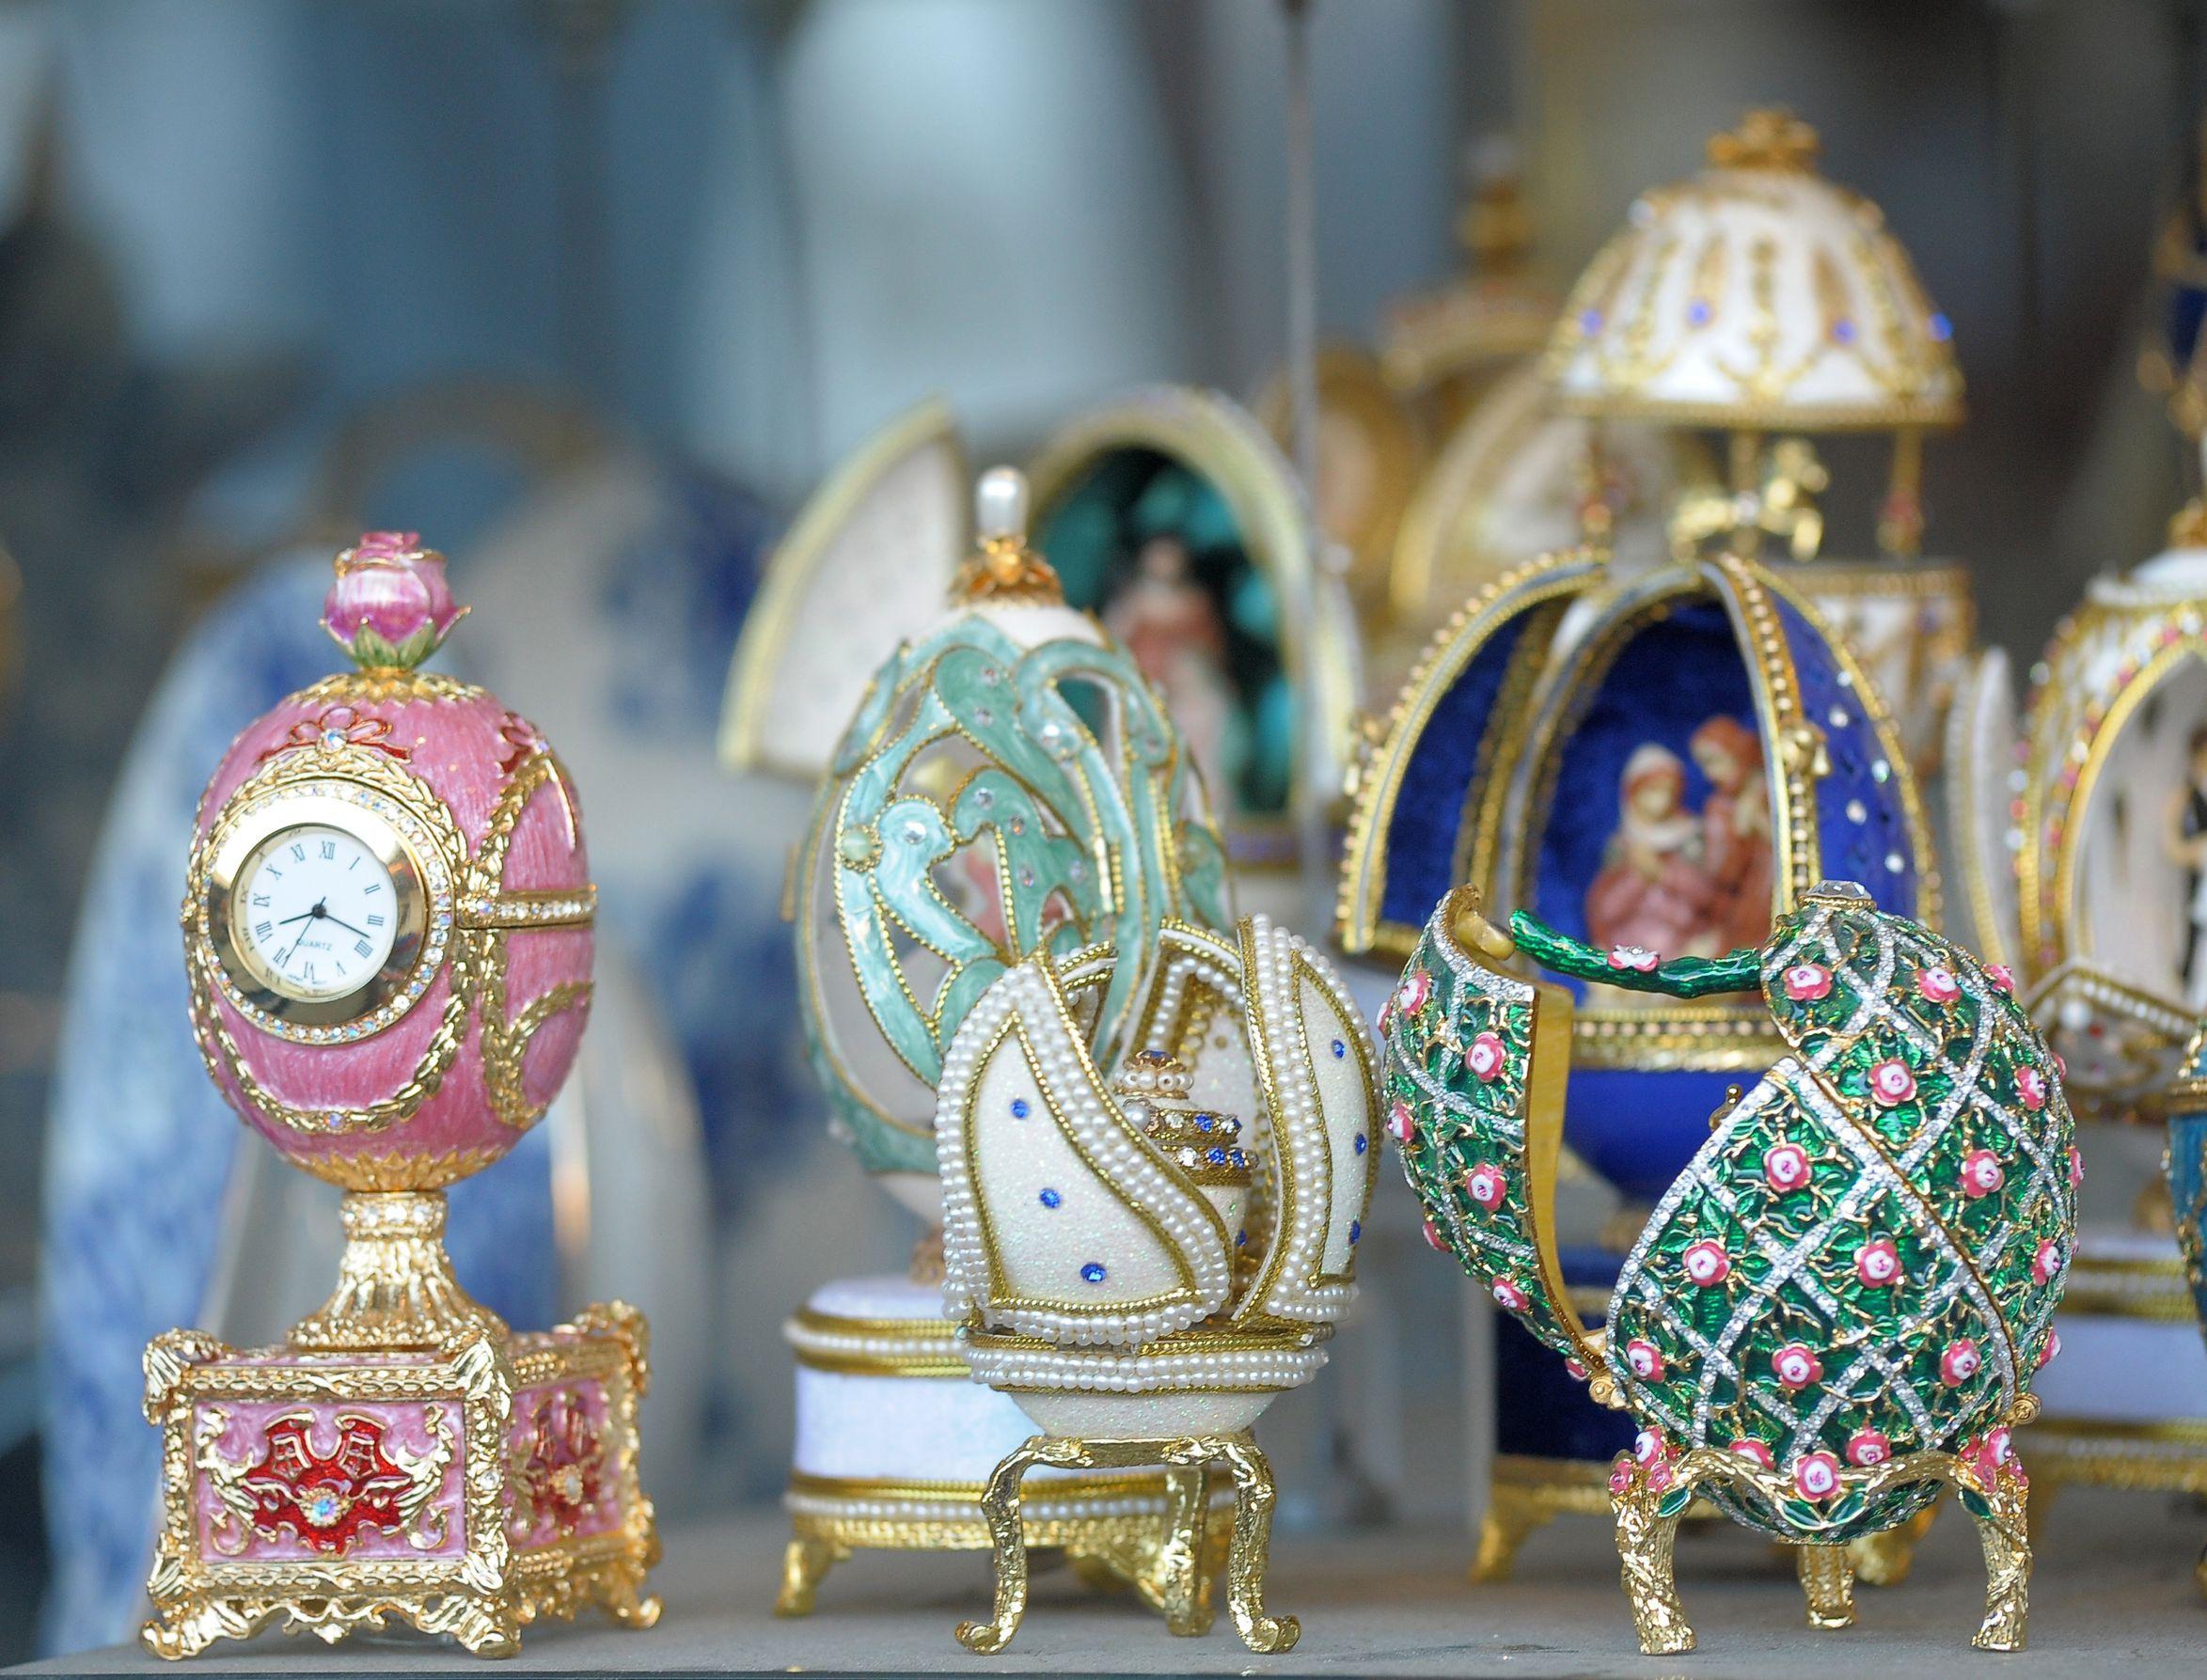 И в Източна Европа, и в Азия има хора и организации, които се интересуват от руското декоративно-приложно изкуство, и школи, които го изучават. И има лица, които биха искали да притежават изделия на руски майстори.